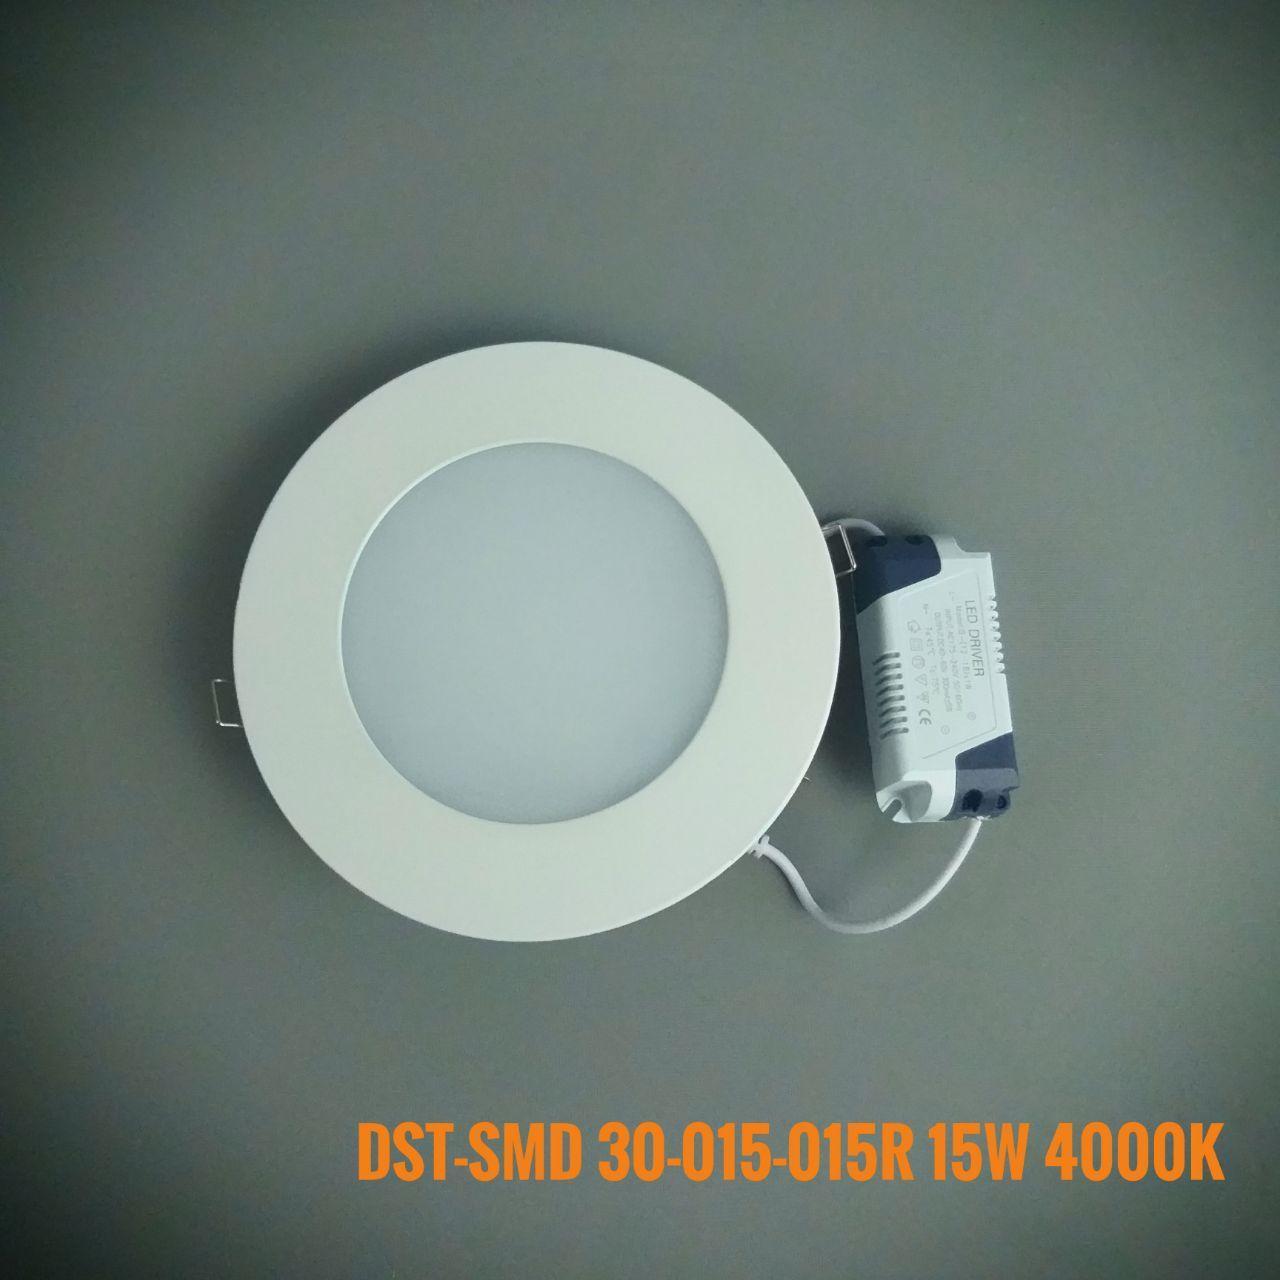 Світлодіодна панель коло врізний M DST-SMD30/015/015R 4000K 850DS 15W